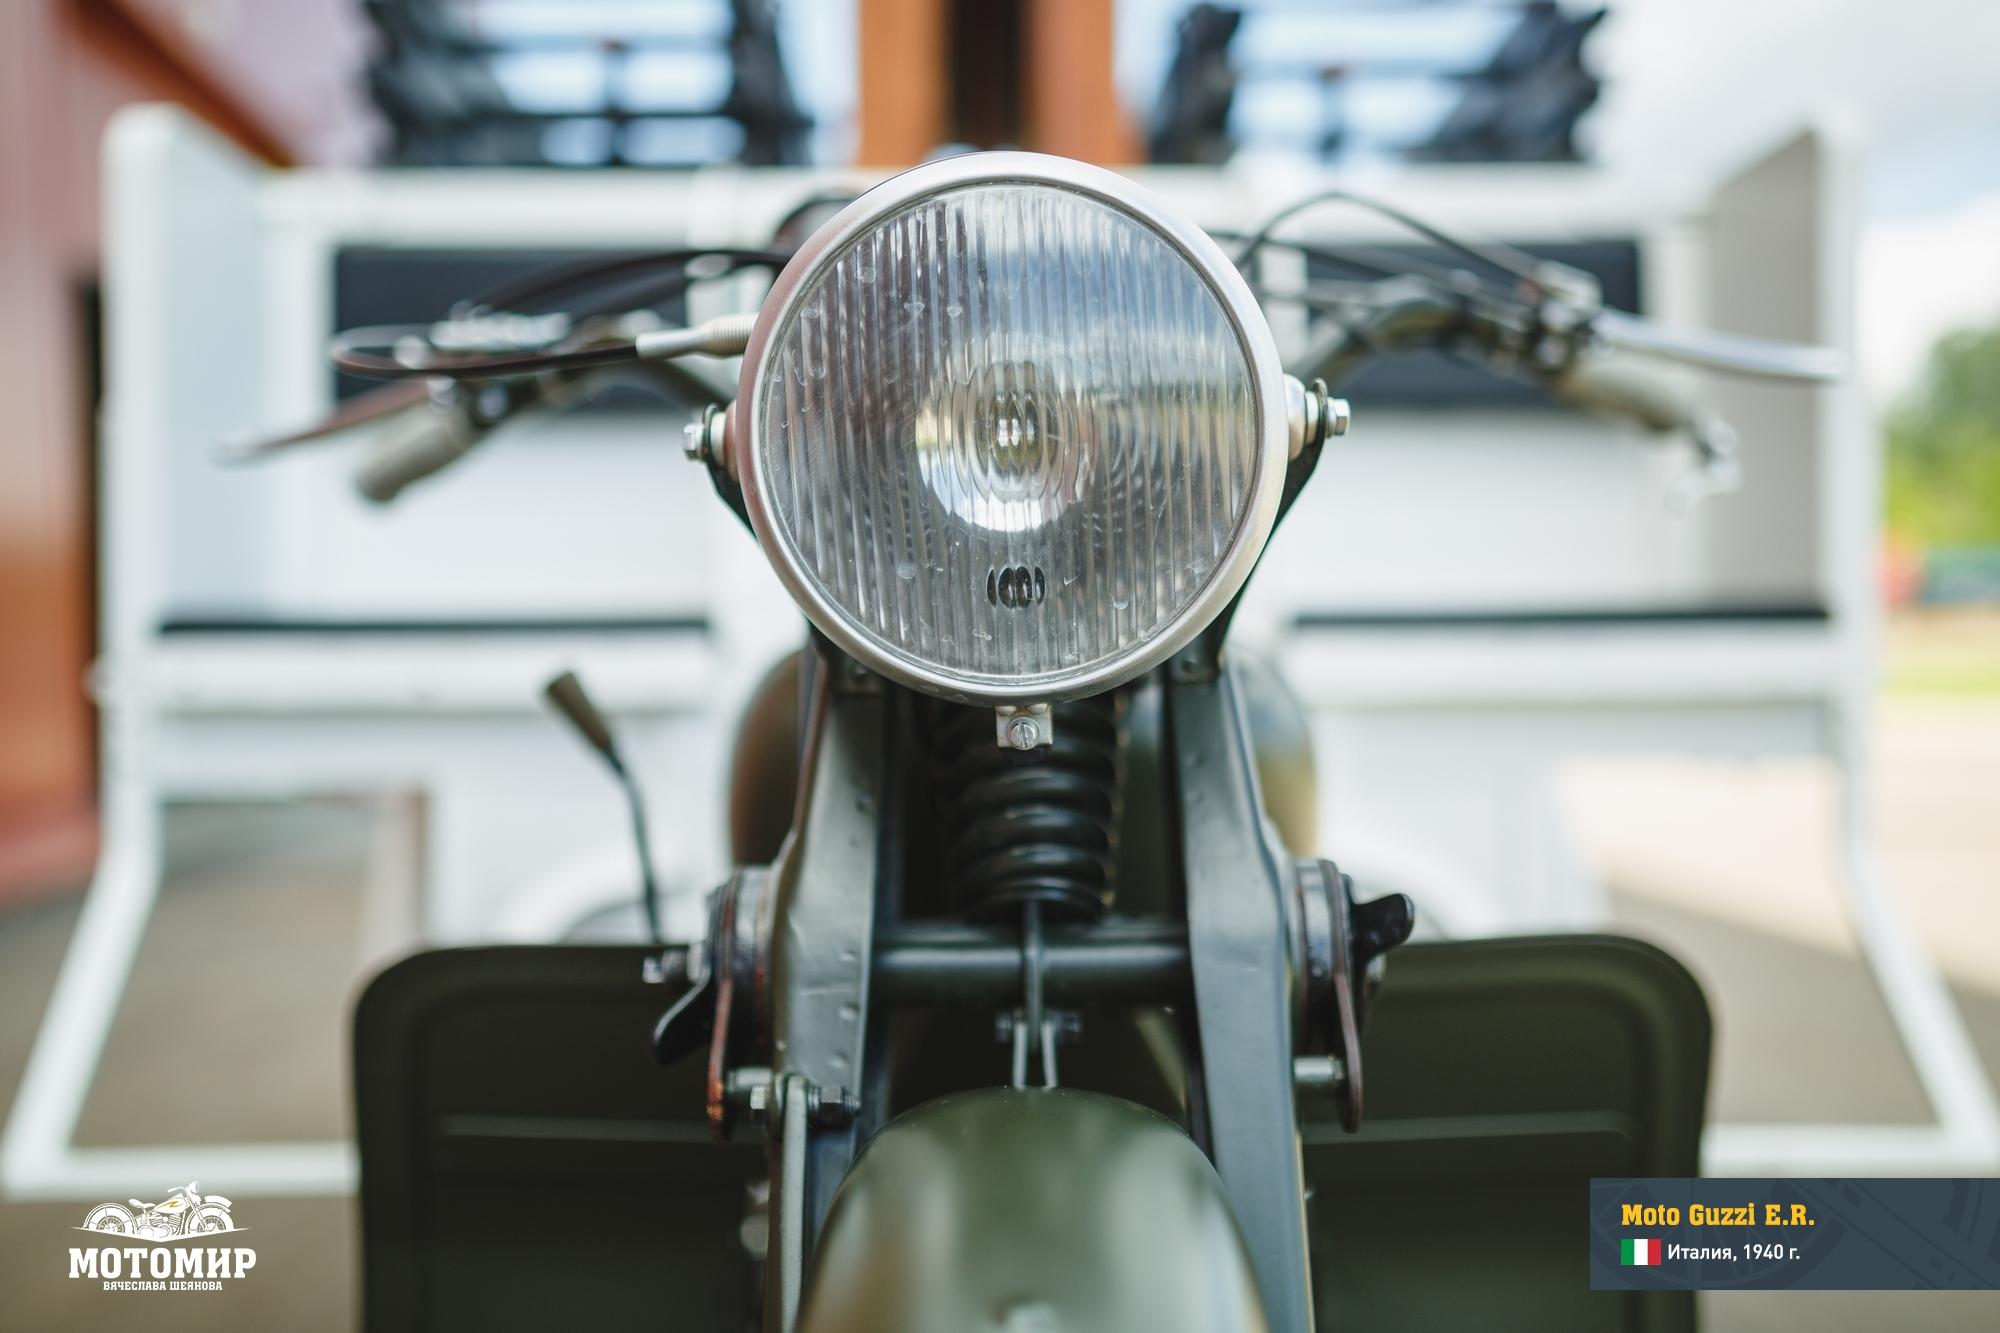 moto-guzzi-er-201508-web-21